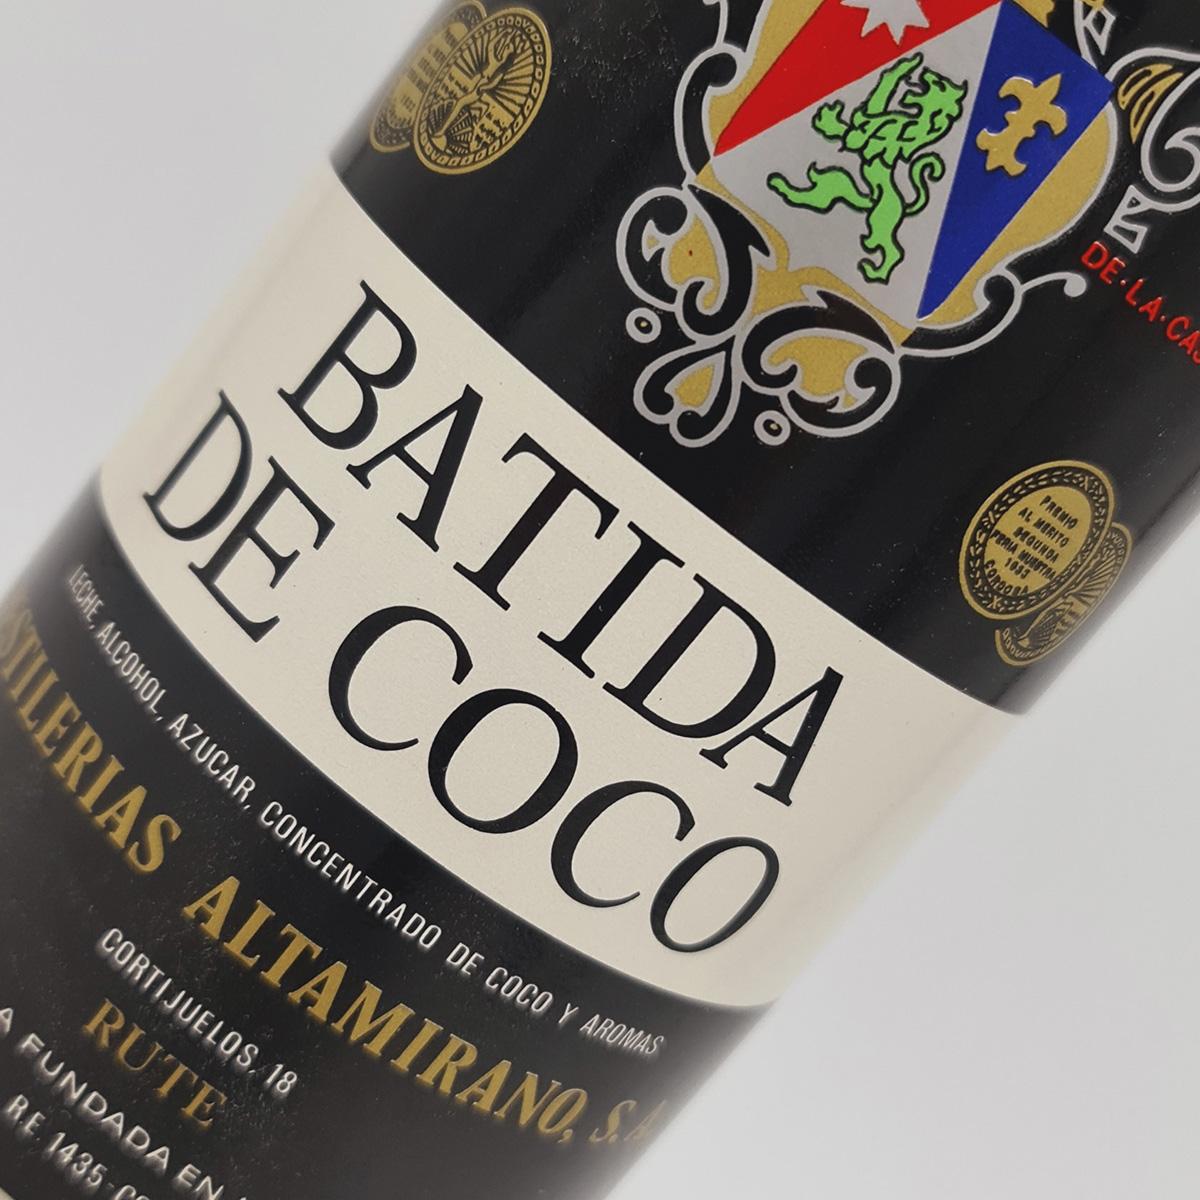 Altamirano – Batida de Coco2 (1)